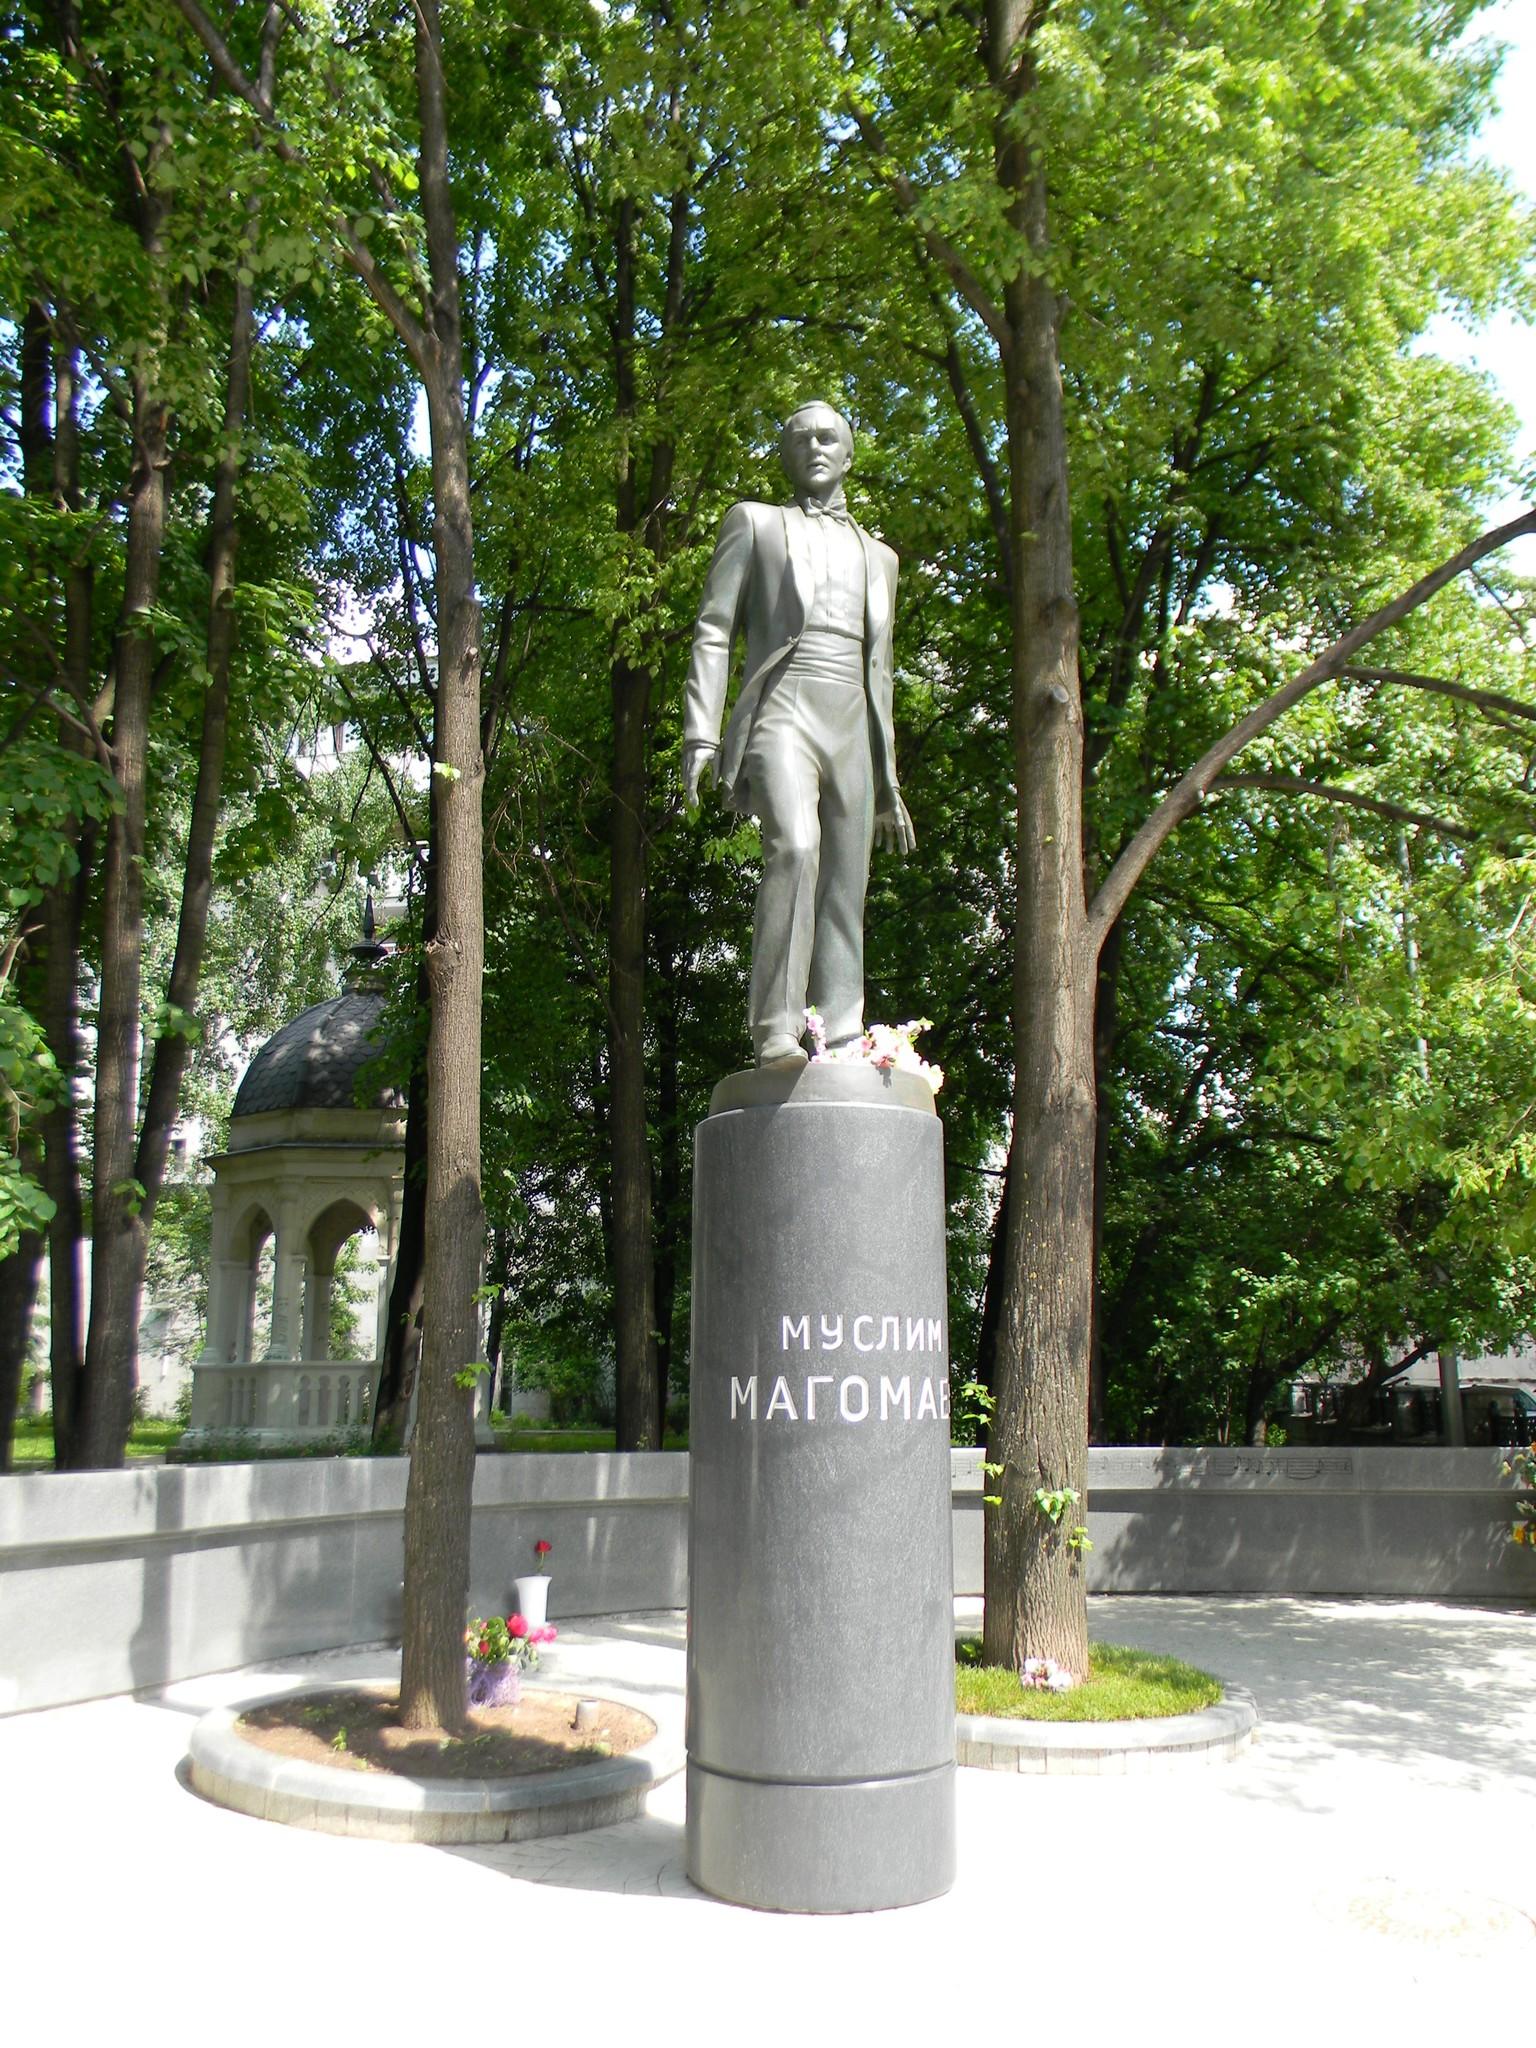 Памятник Муслиму Магомаеву в Москве находится на пересечении Вознесенского и Елисеевского переулков в Пресненском районе города